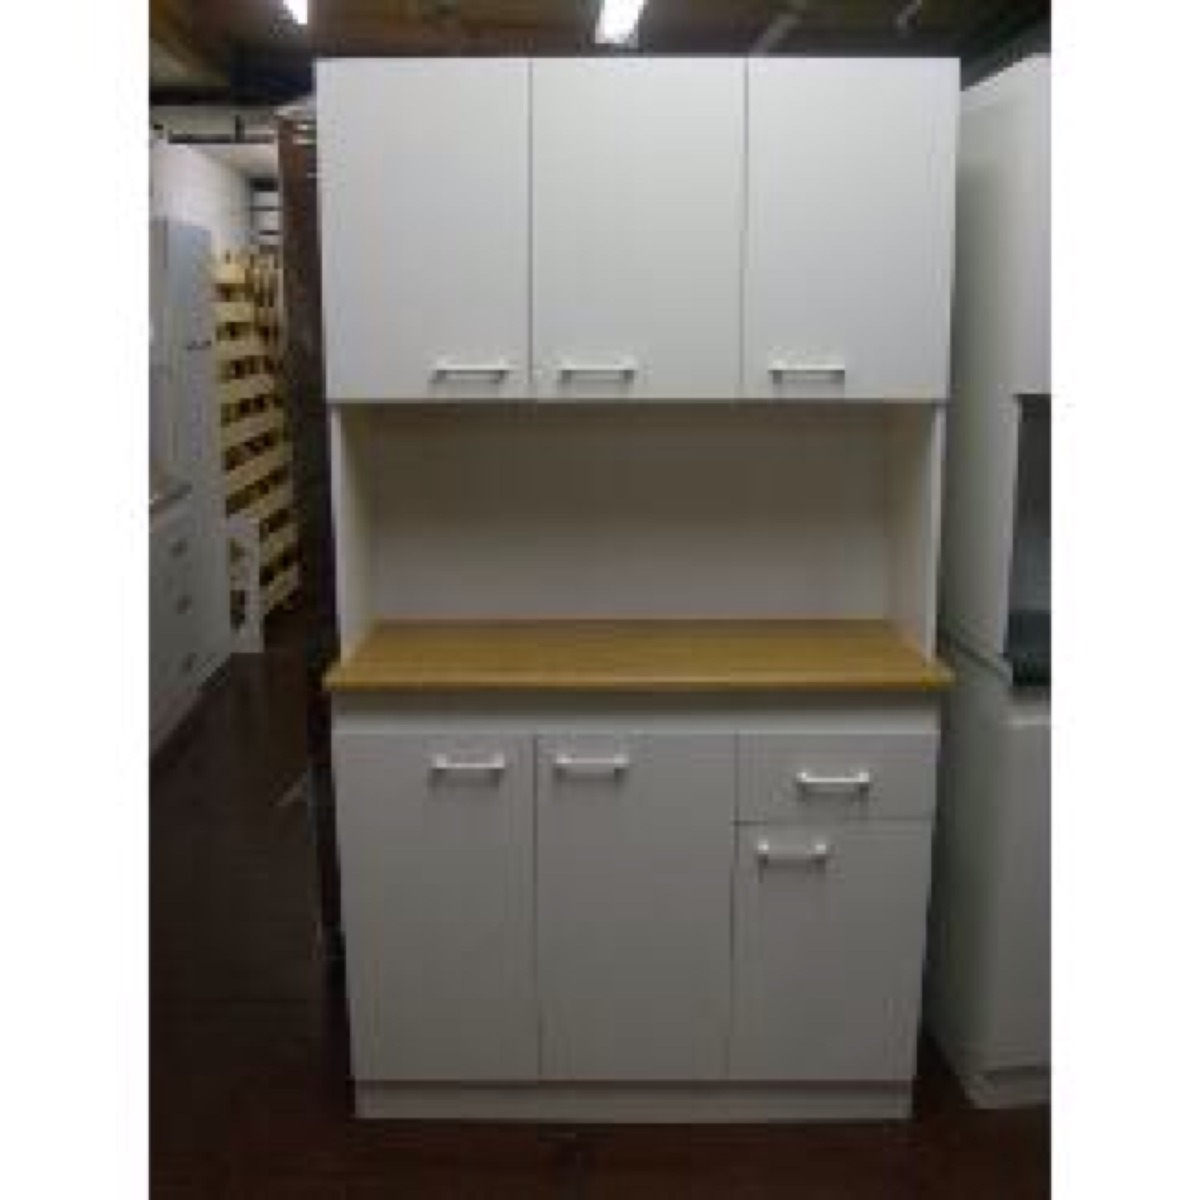 Mueble cocina compacto en mercado libre for Simulador de muebles de cocina